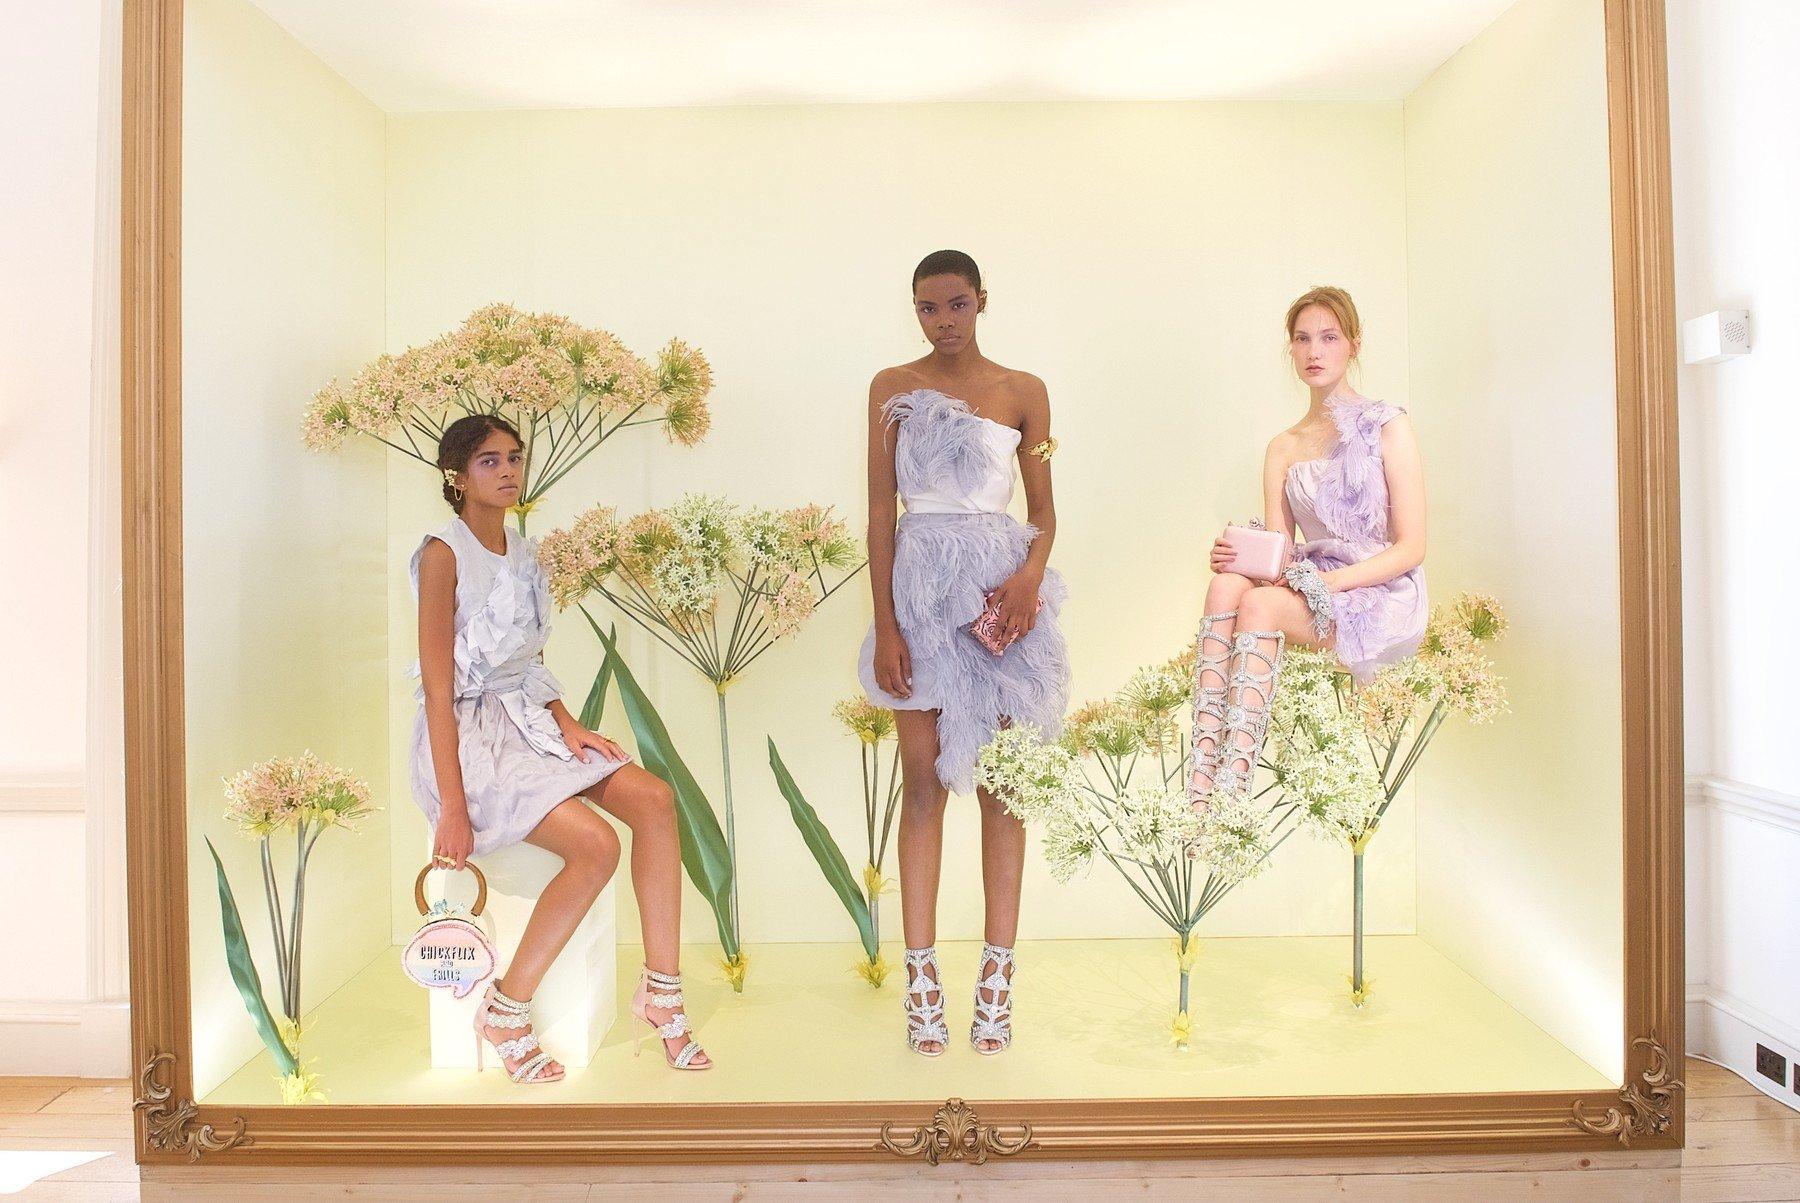 Models Sophia Webster presentation, Spring Summer 2018, London Fashion Week, UK - 18 Sep 2017, Image: 349785208, License: Rights-managed, Restrictions: , Model Release: no, Credit line: Profimedia, TEMP Rex Features